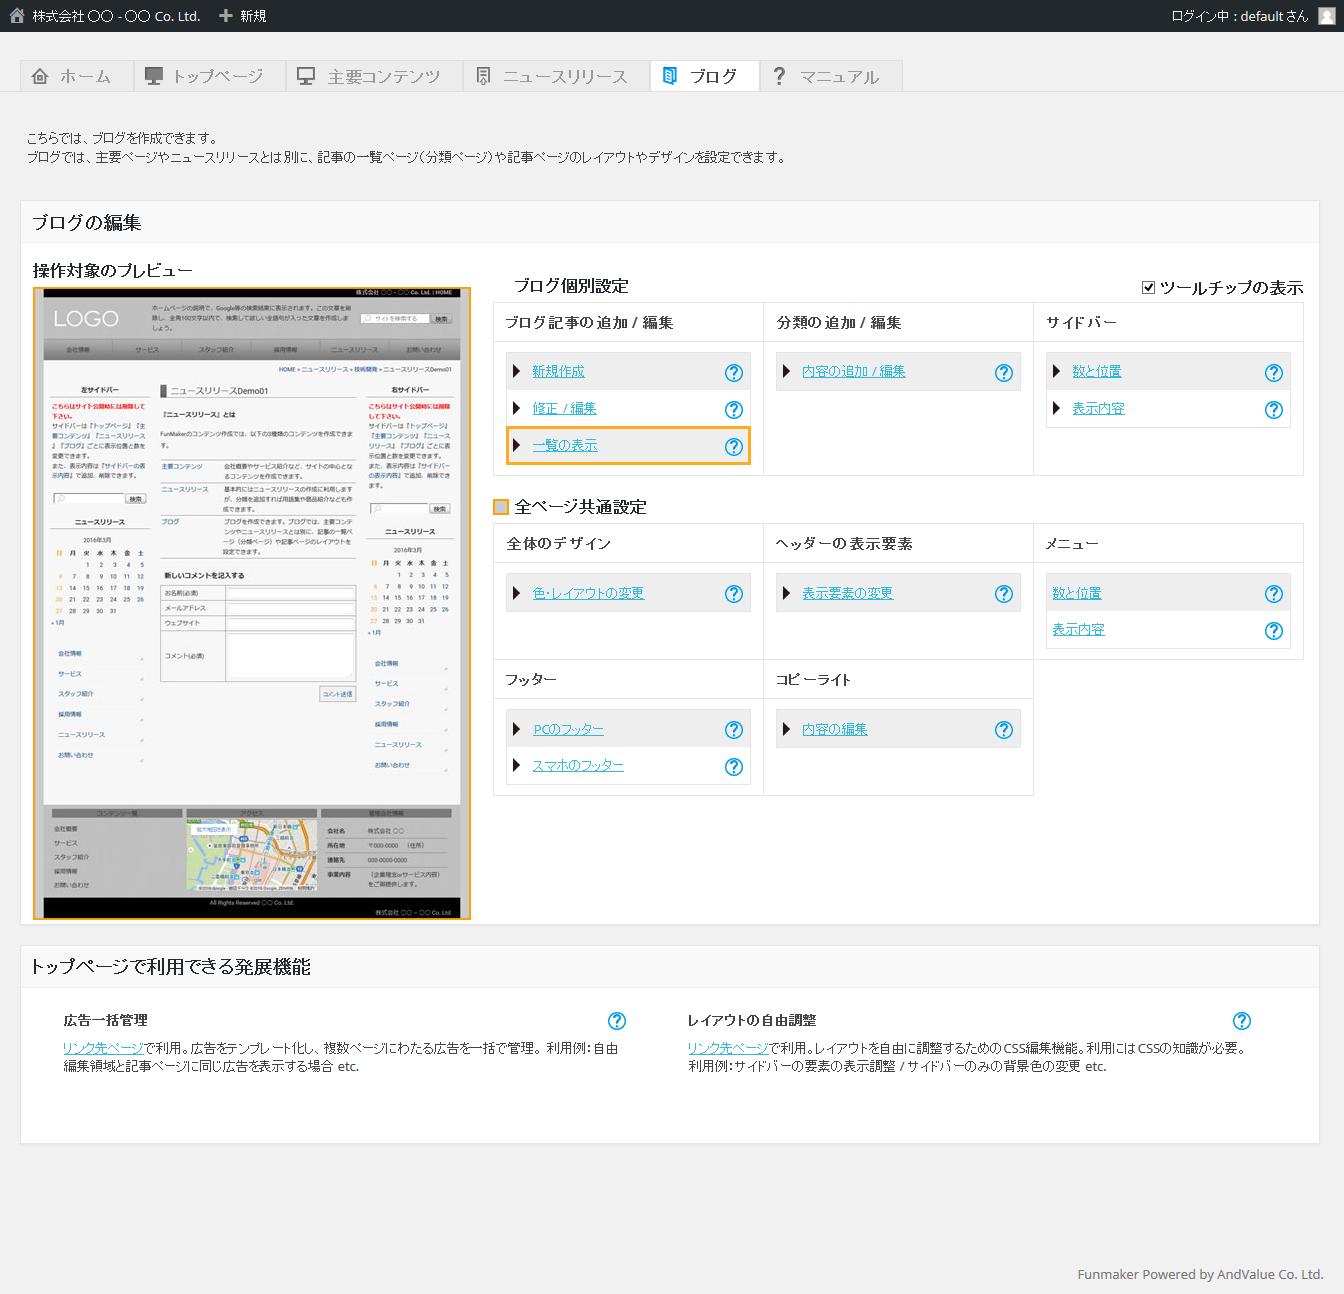 ニュースリリース記事一覧の変更 - 簡単格安ホームページ作成会社 -FunMaker